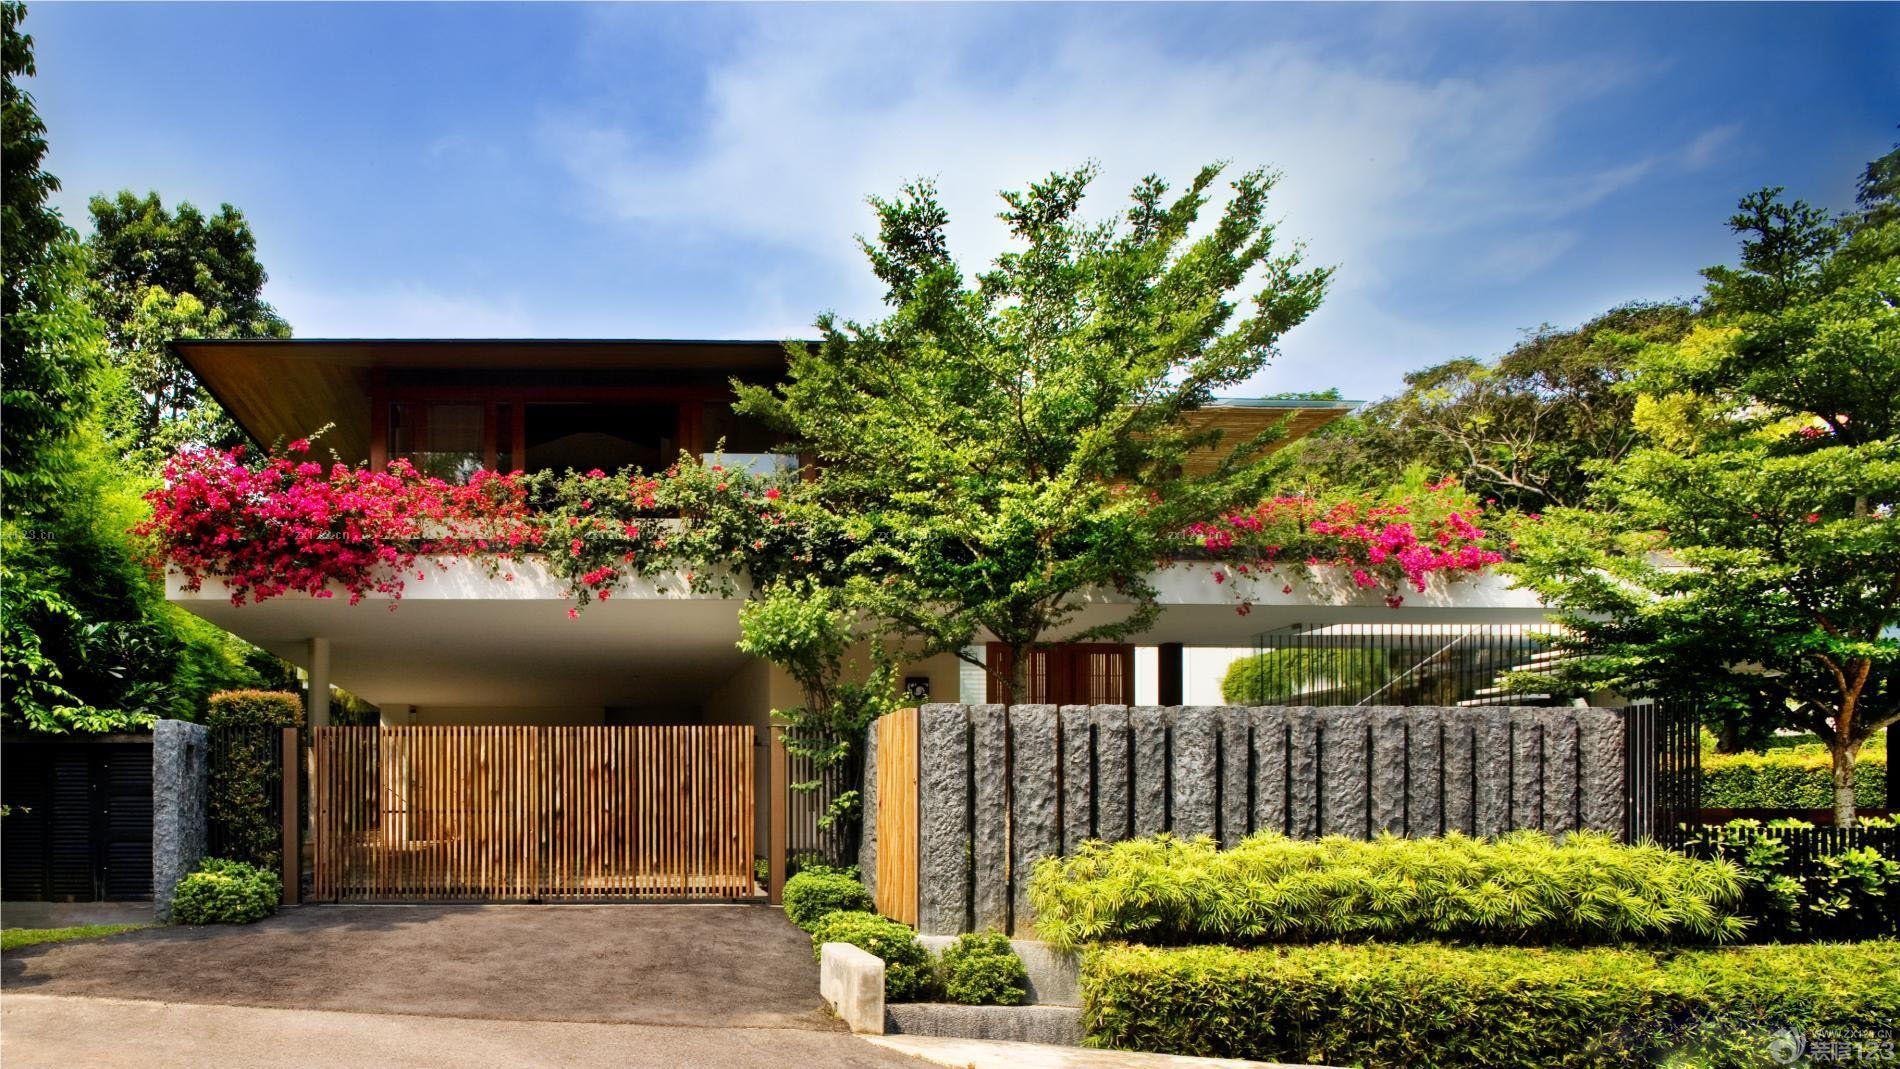 456 for H24 casa y jardin